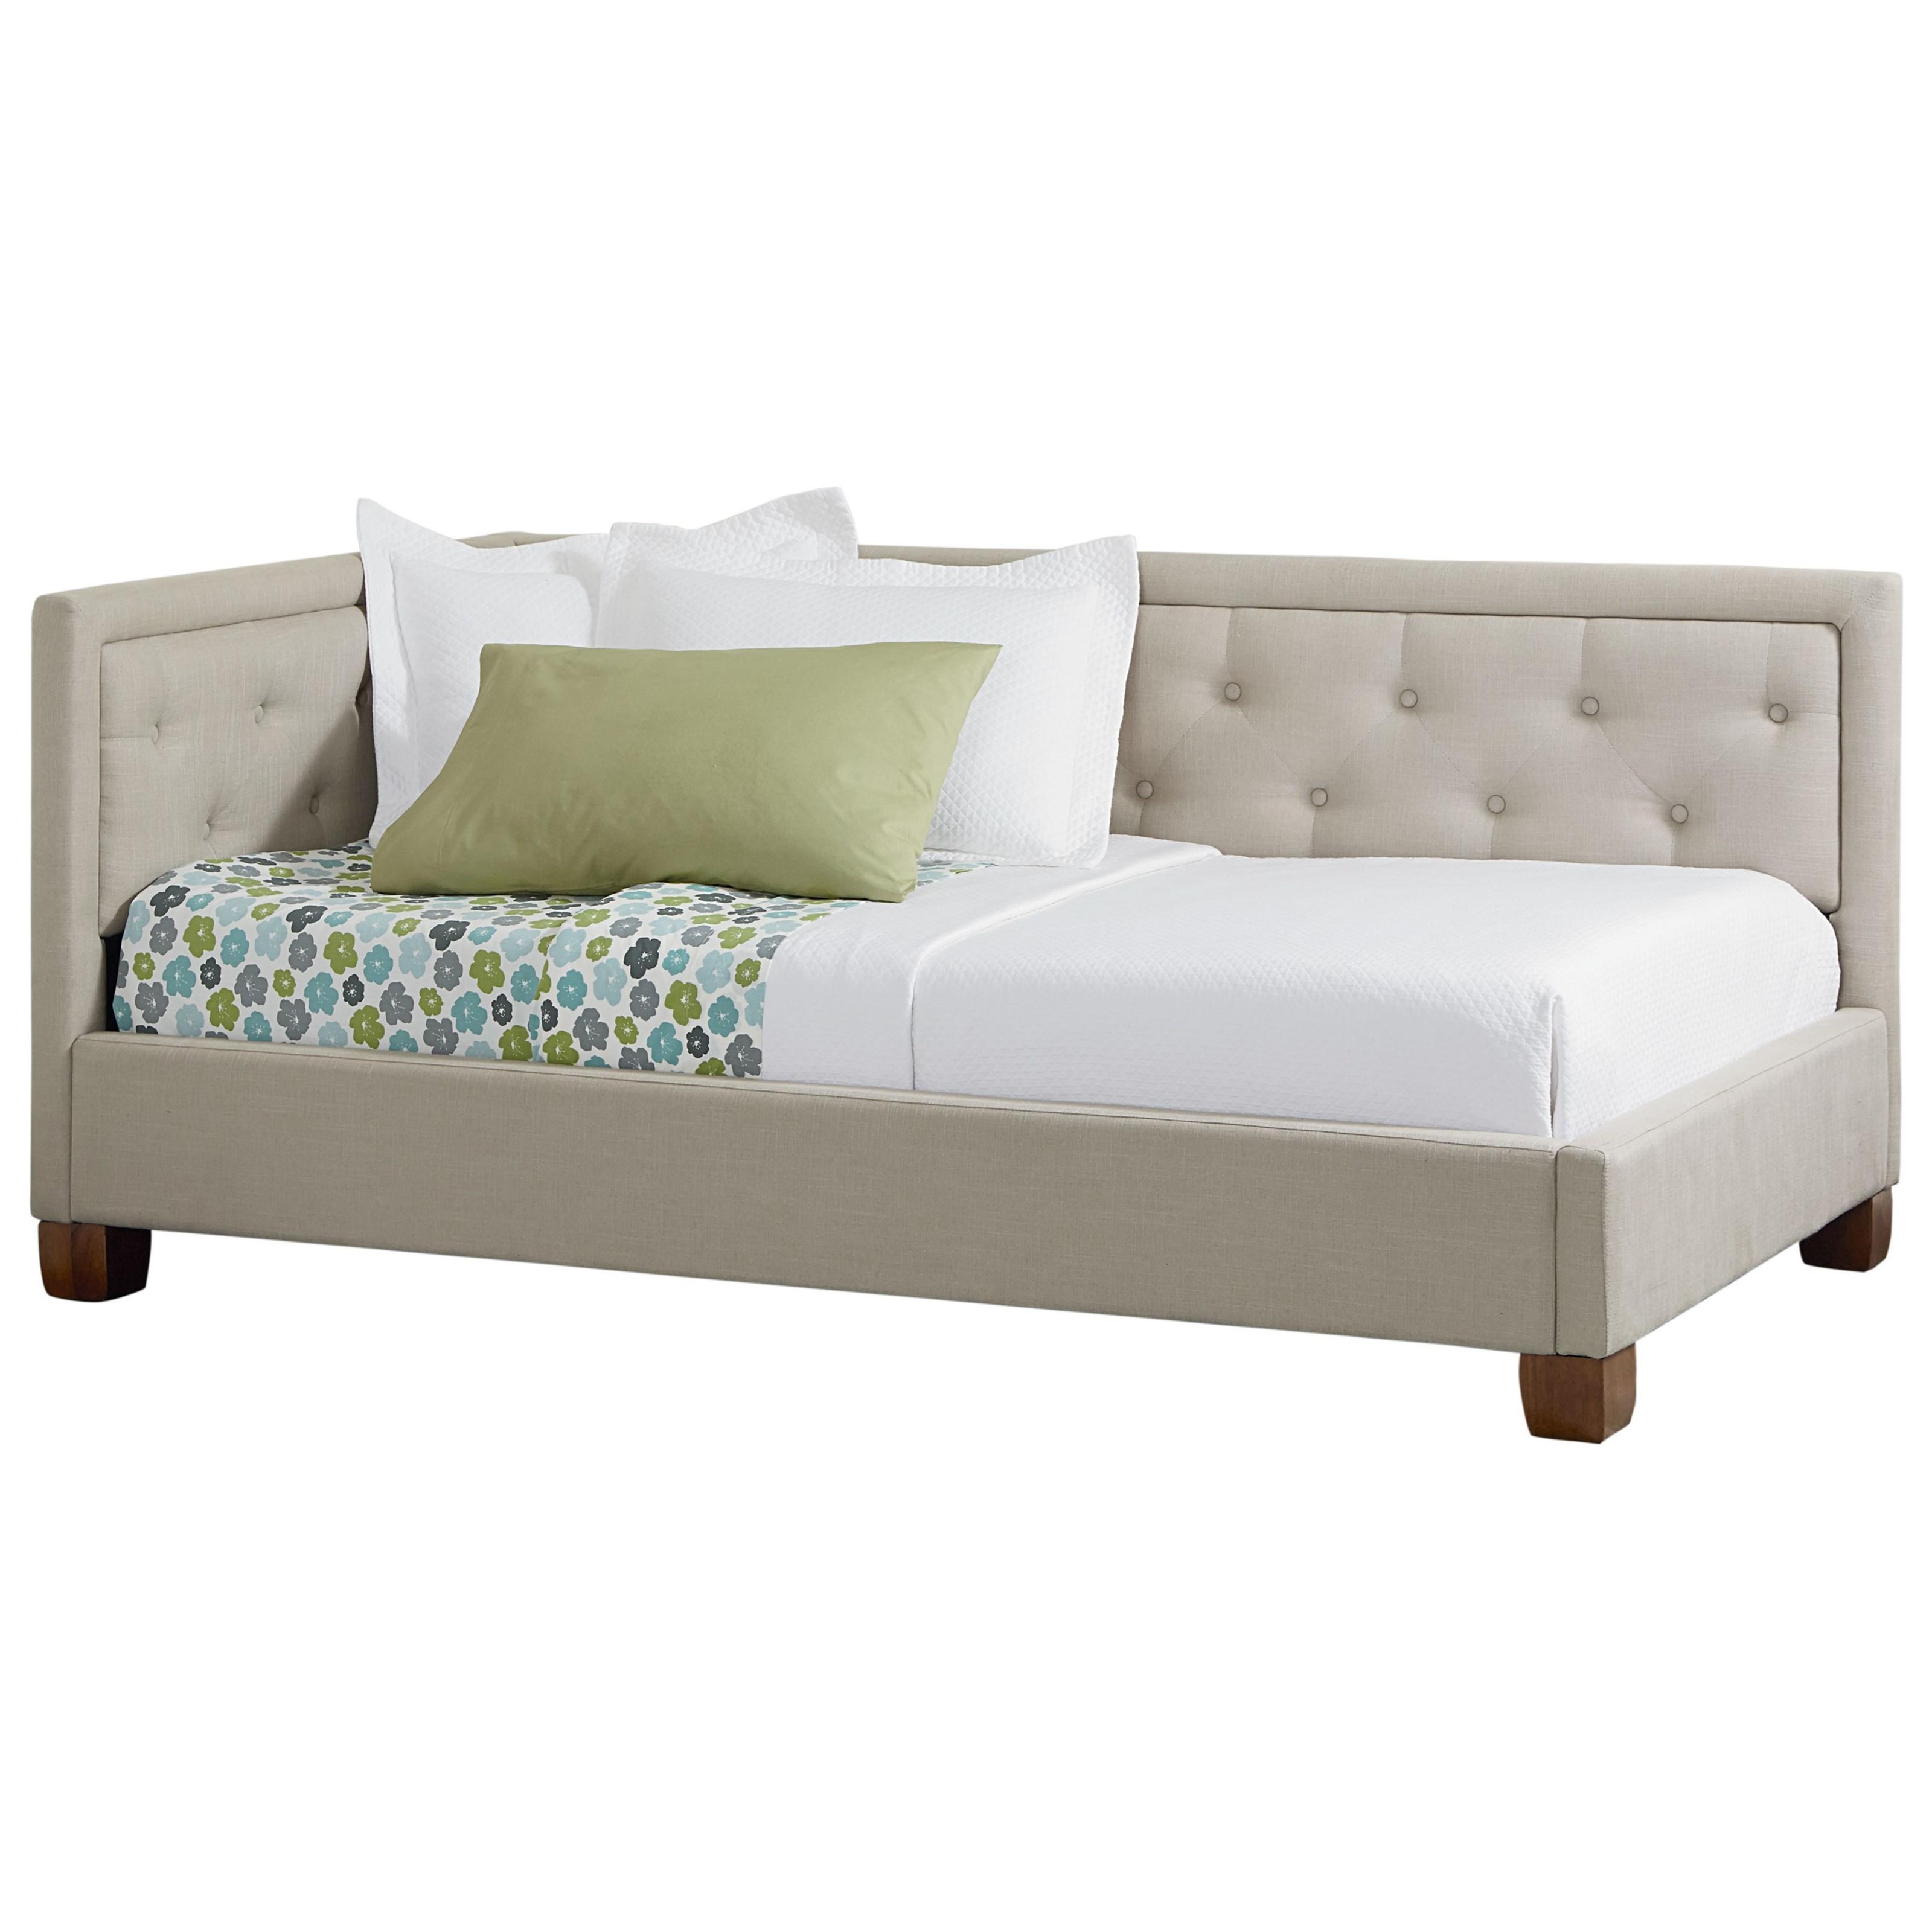 Standard Furniture Carmen Grey Daybed - Item Number: 98681+98682